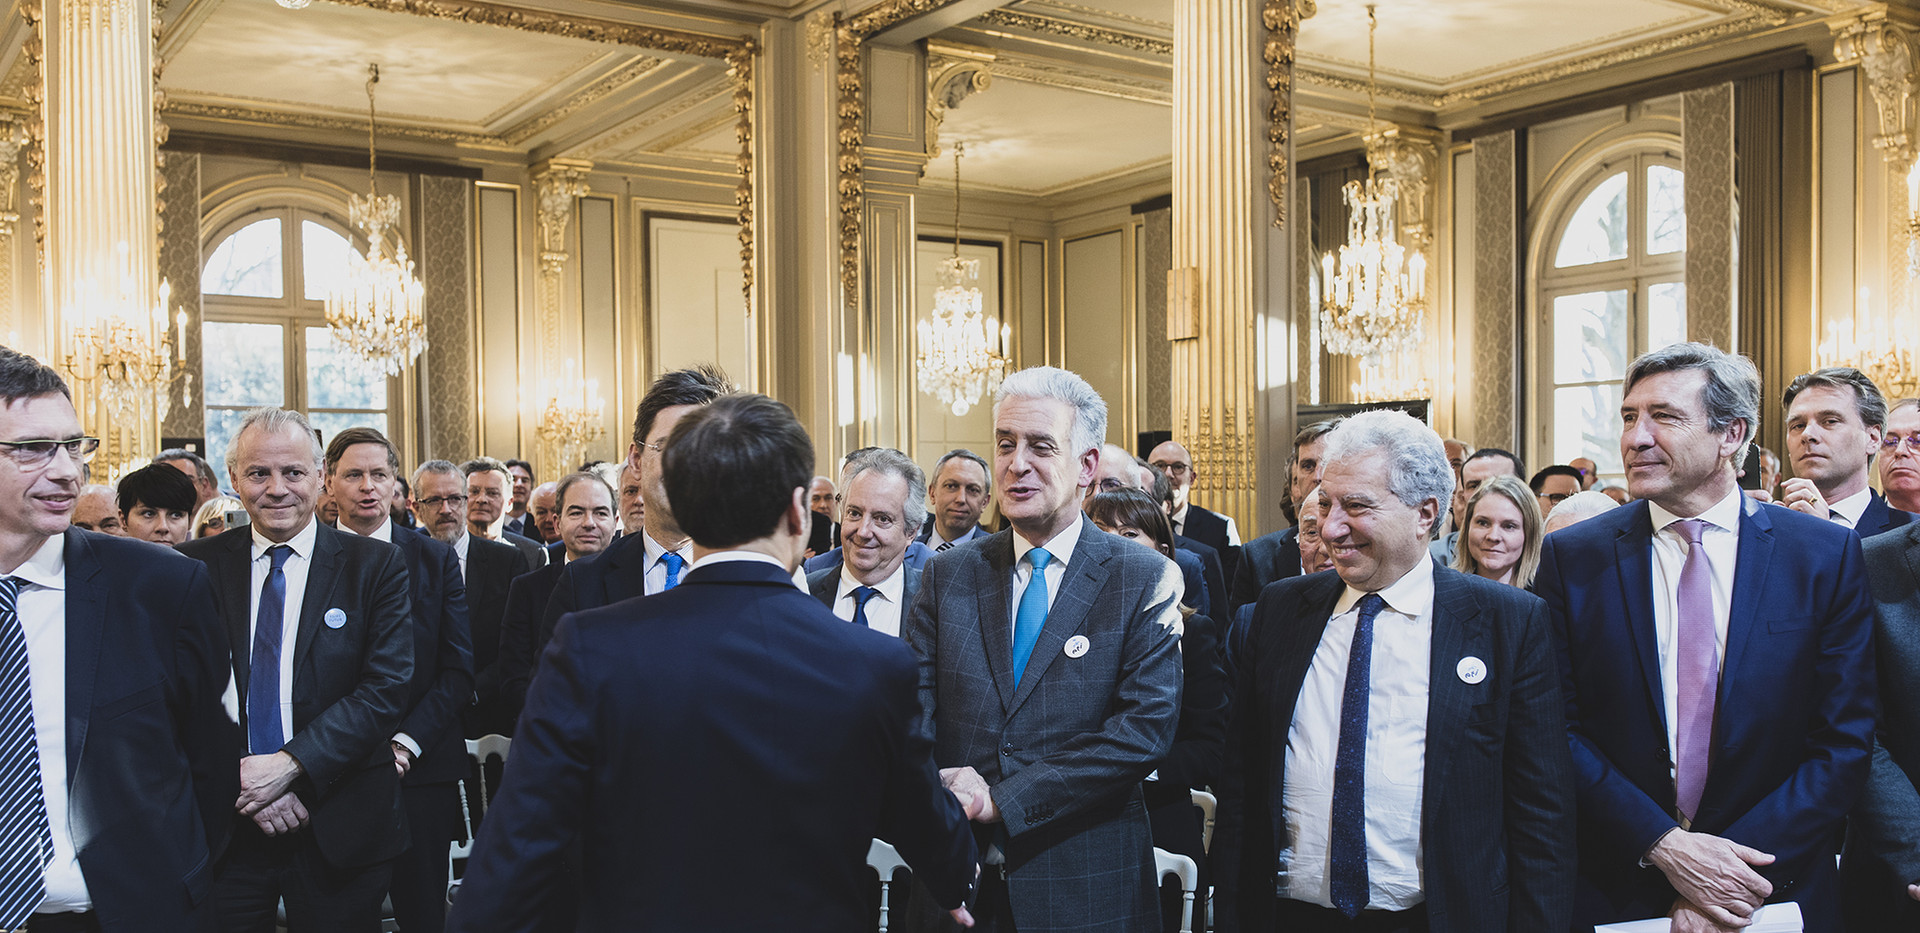 © Présidence de la République France - Photo destinée à un usage interne, pas de diffusion à la presse, ni d'usage commercial.